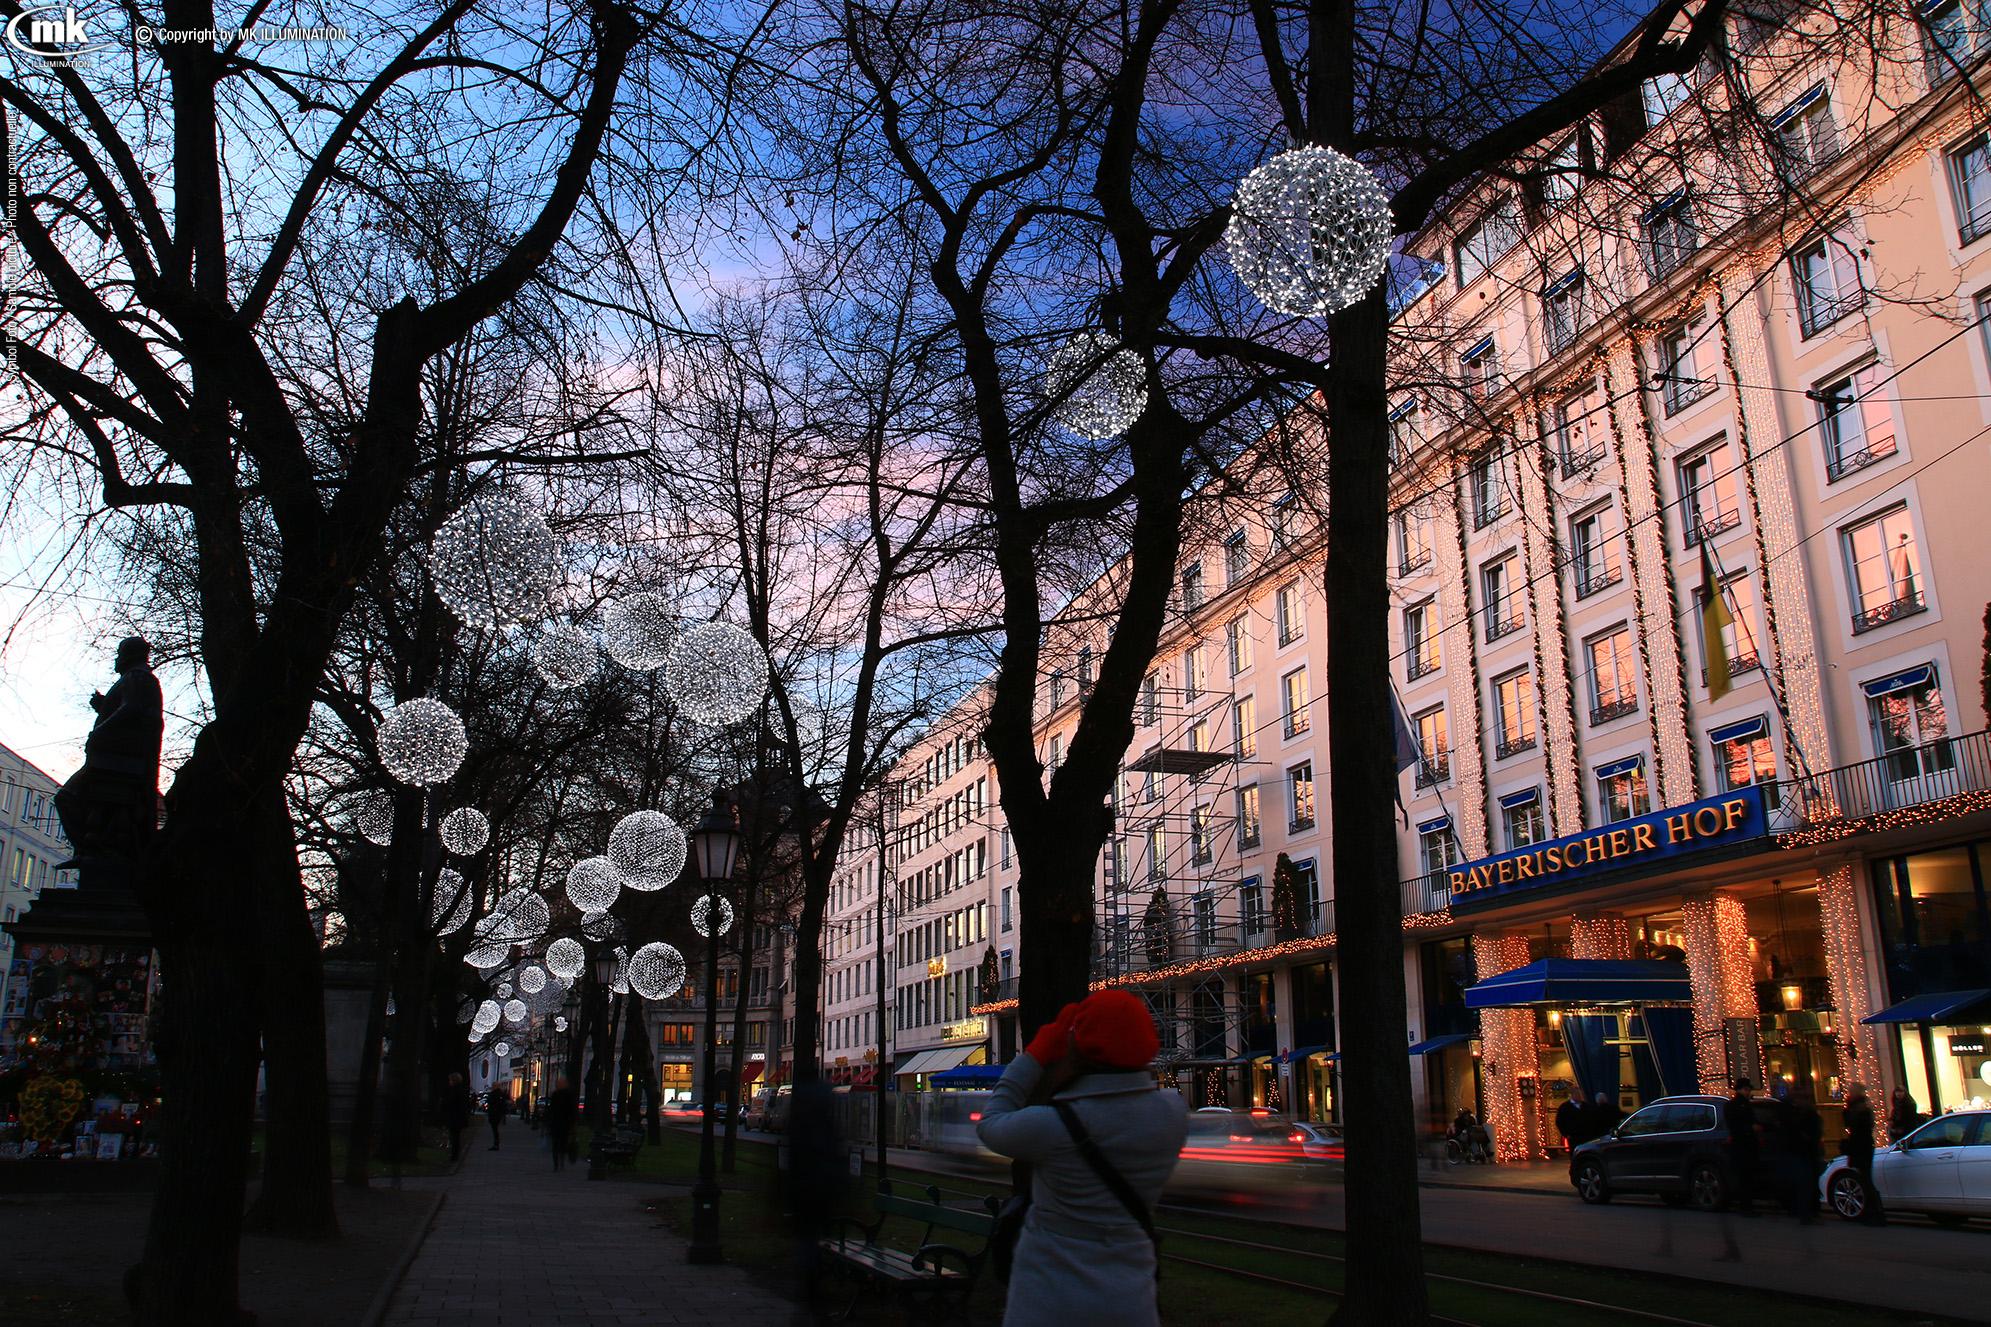 de_München_Promenadeplatz_city_shop_IMG_2712